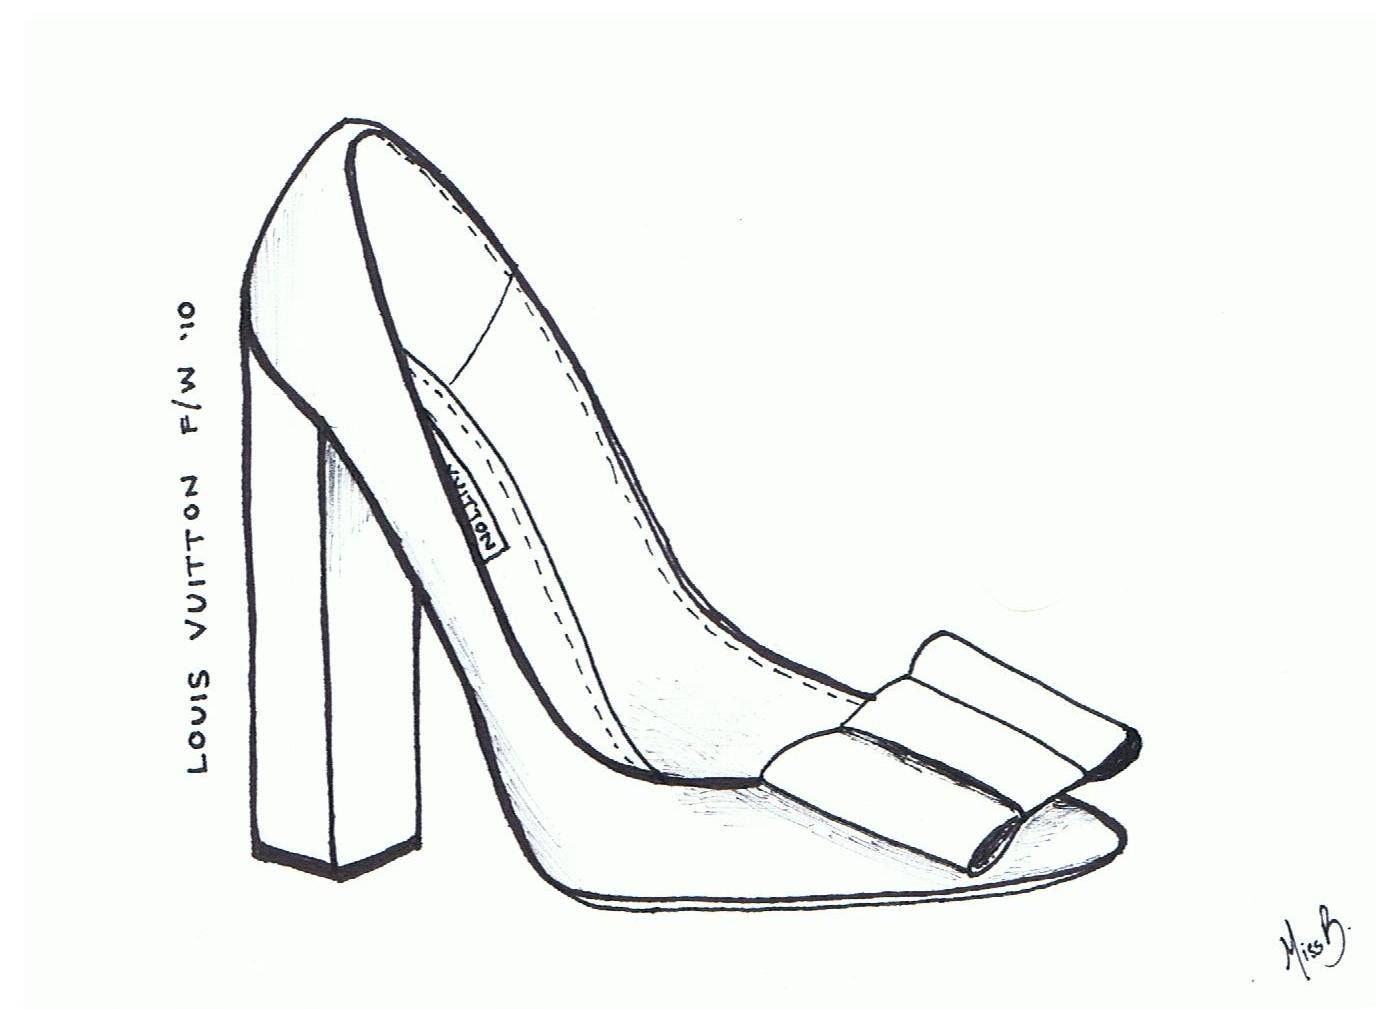 High Heel Shoe Drawing At Getdrawings